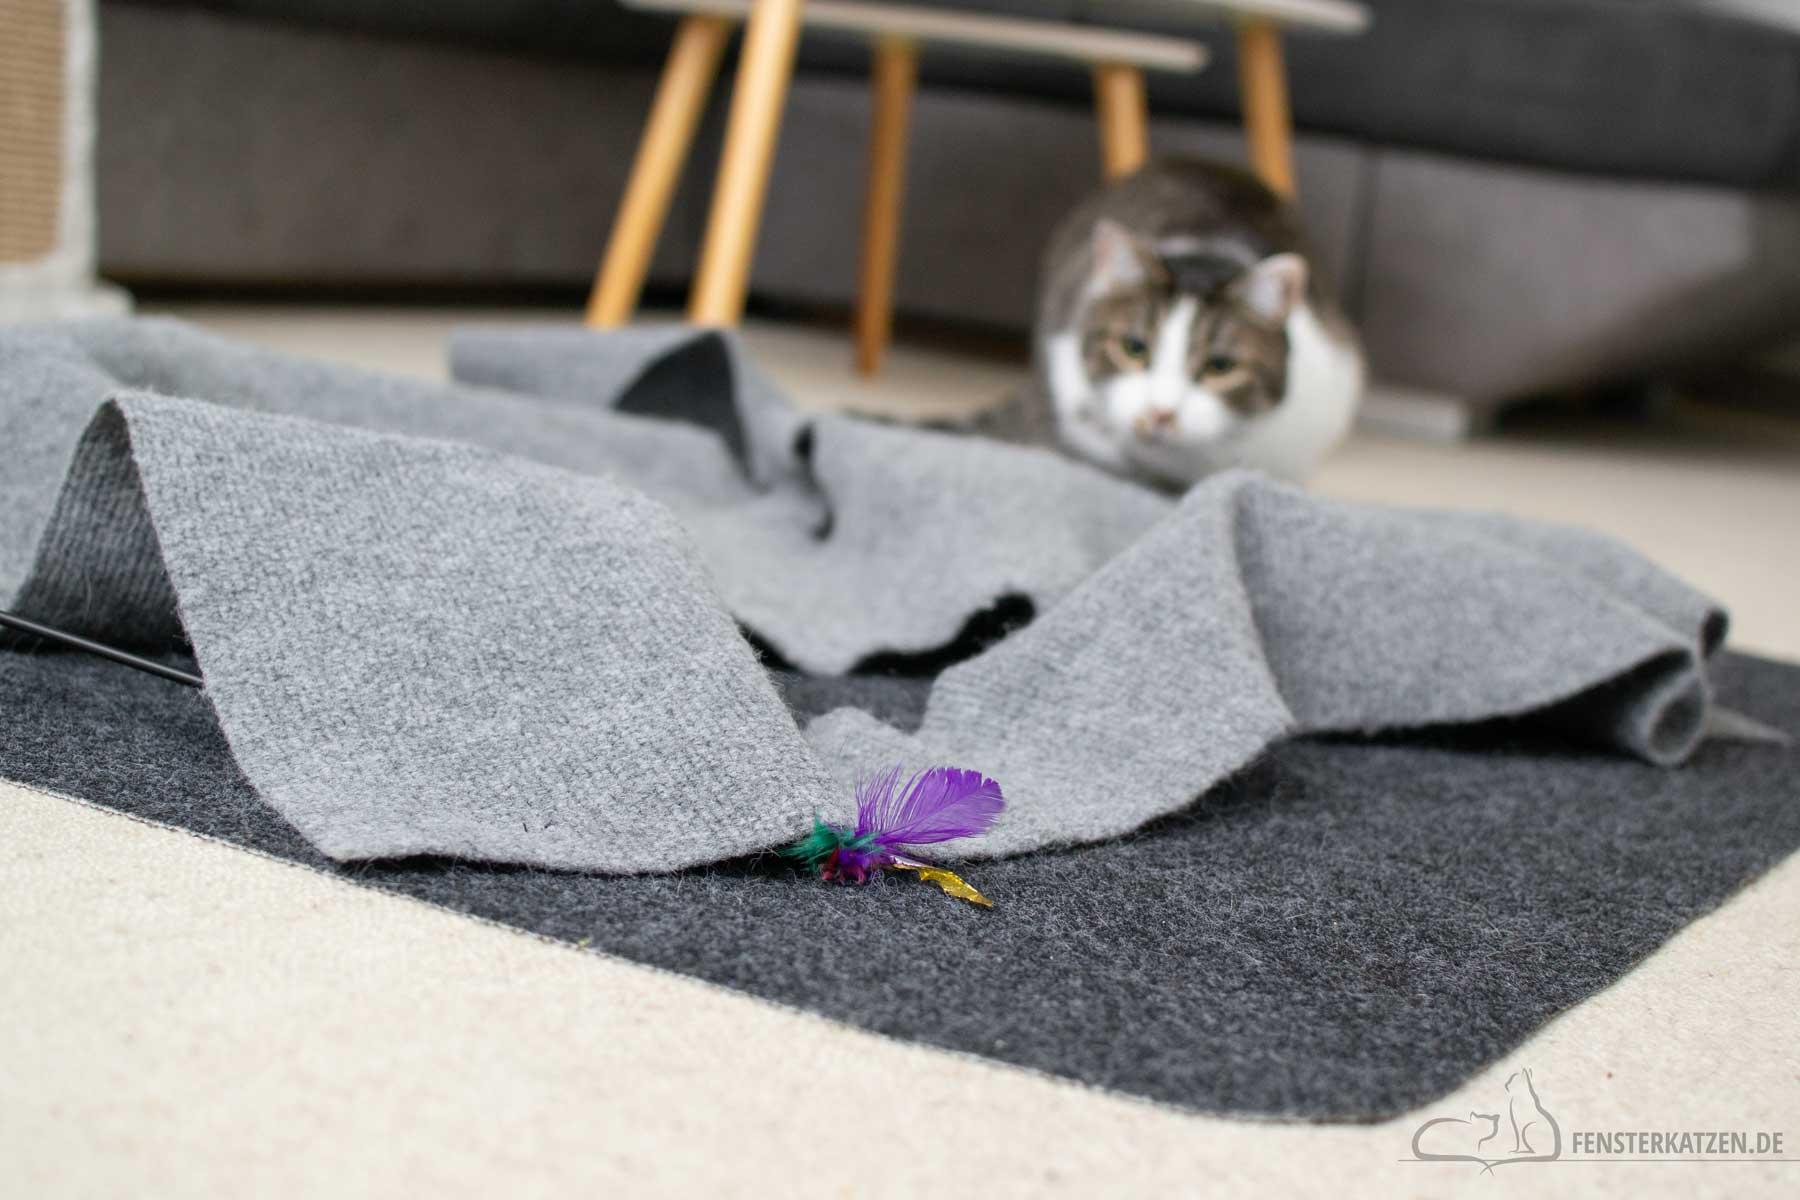 Fensterkatzen-Ratgeber-Wie-spielt-man-richtig-mit-Katzen-Katze-lauert-1